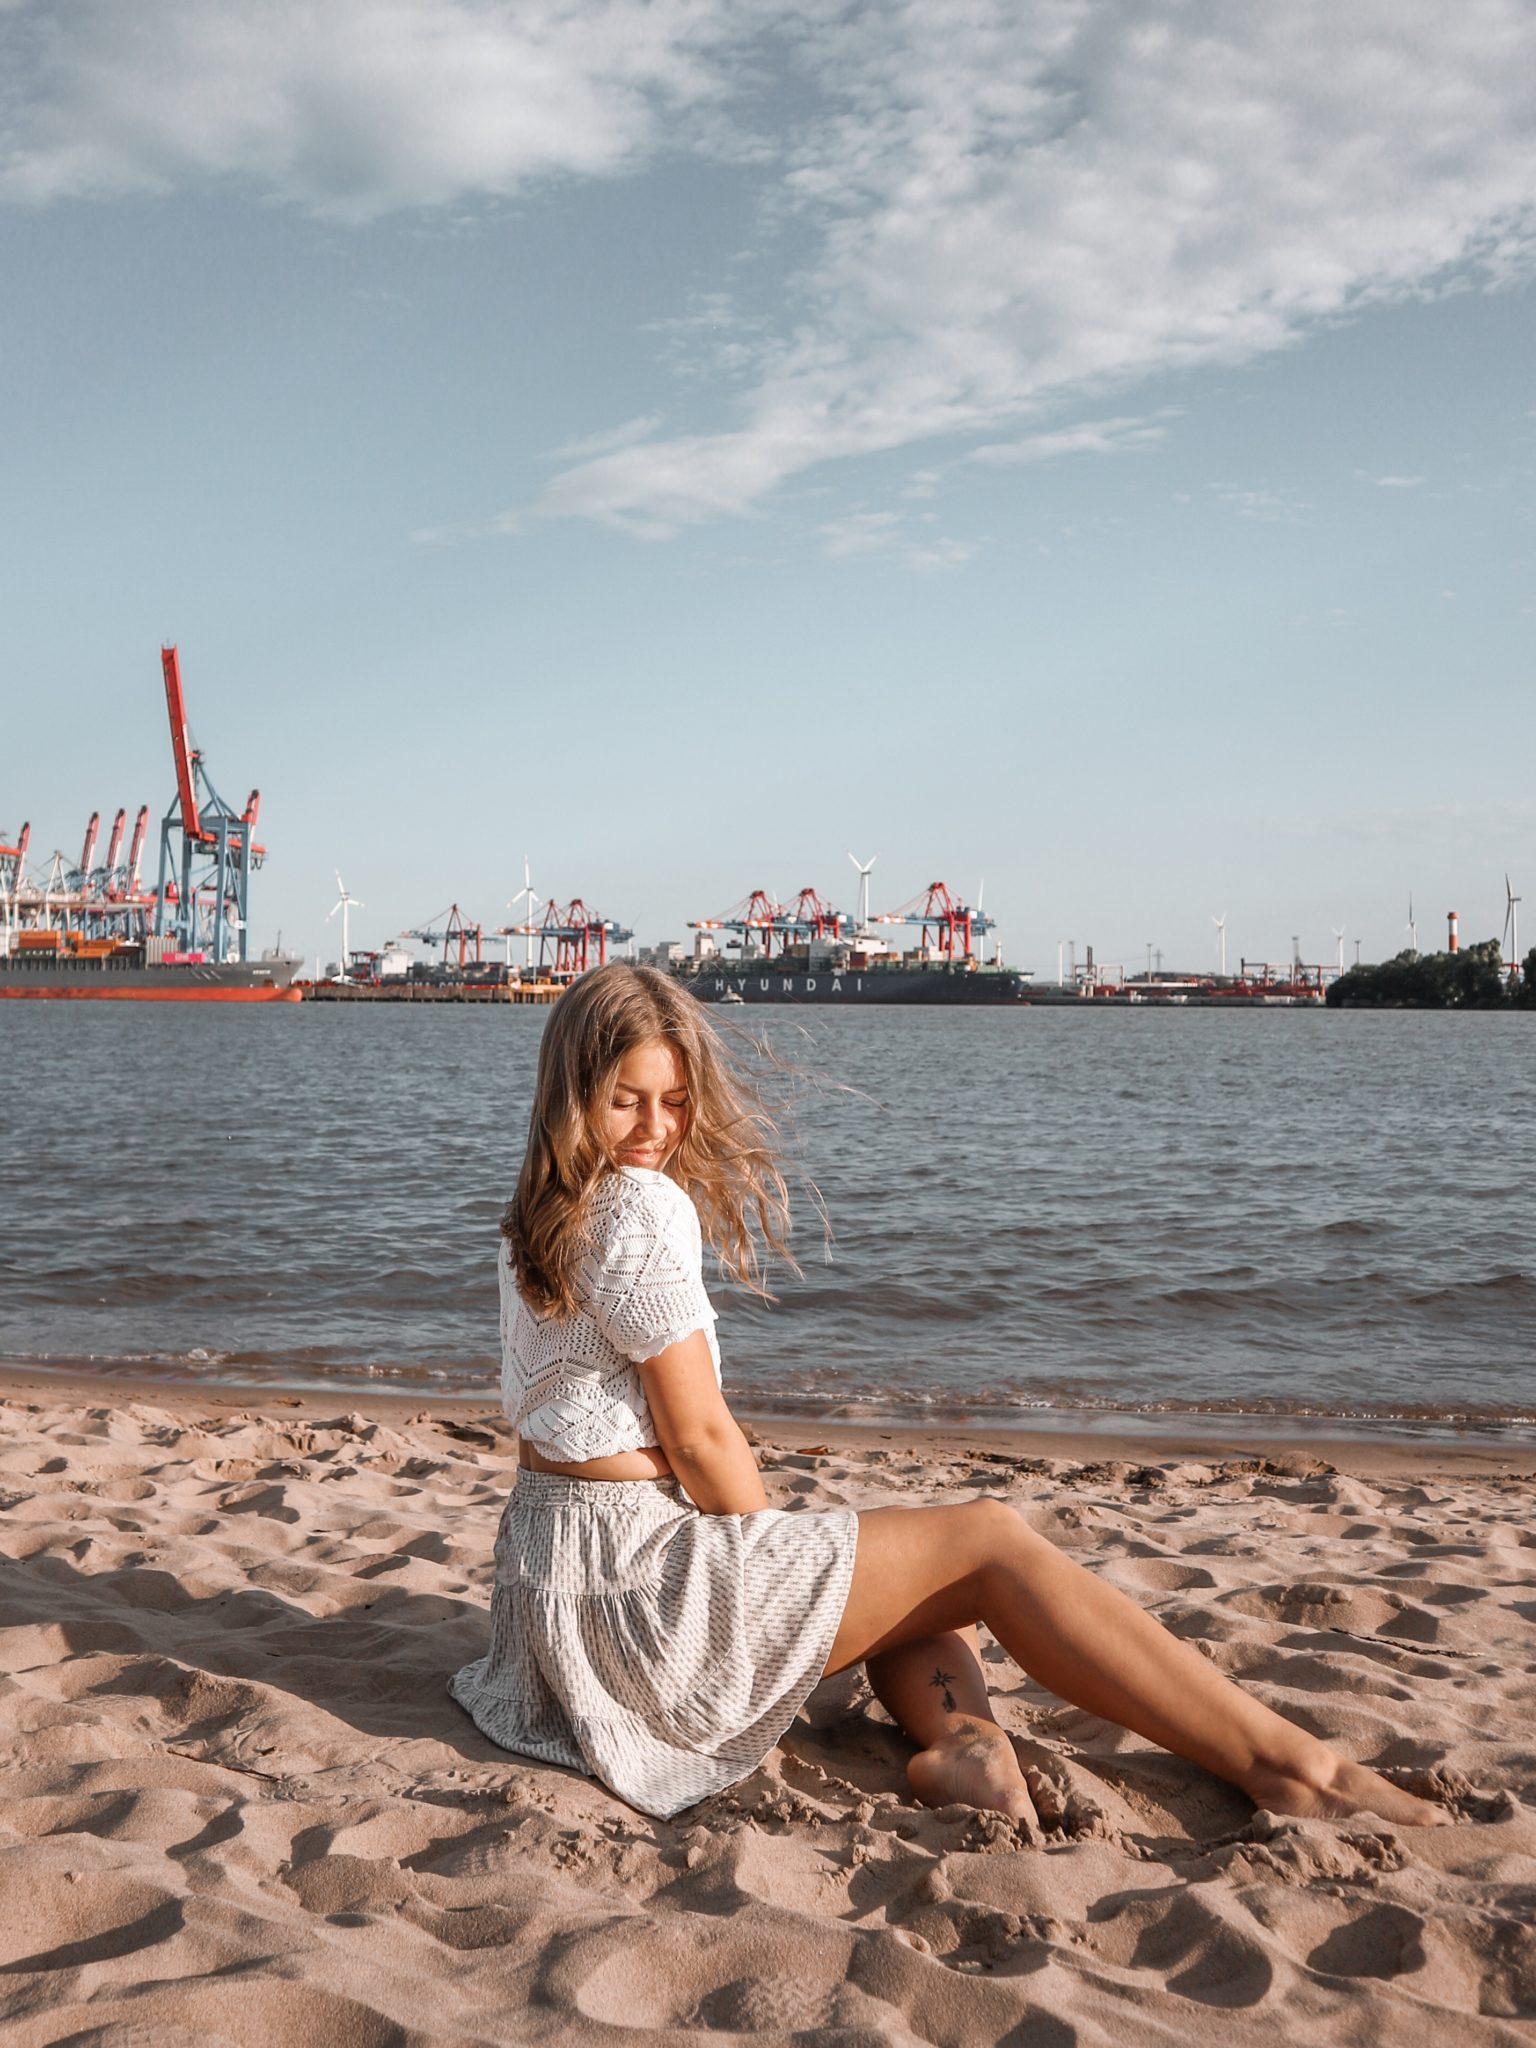 Joi Bella Instagram Fotospots in Hamburg - Tipps und secretplaces